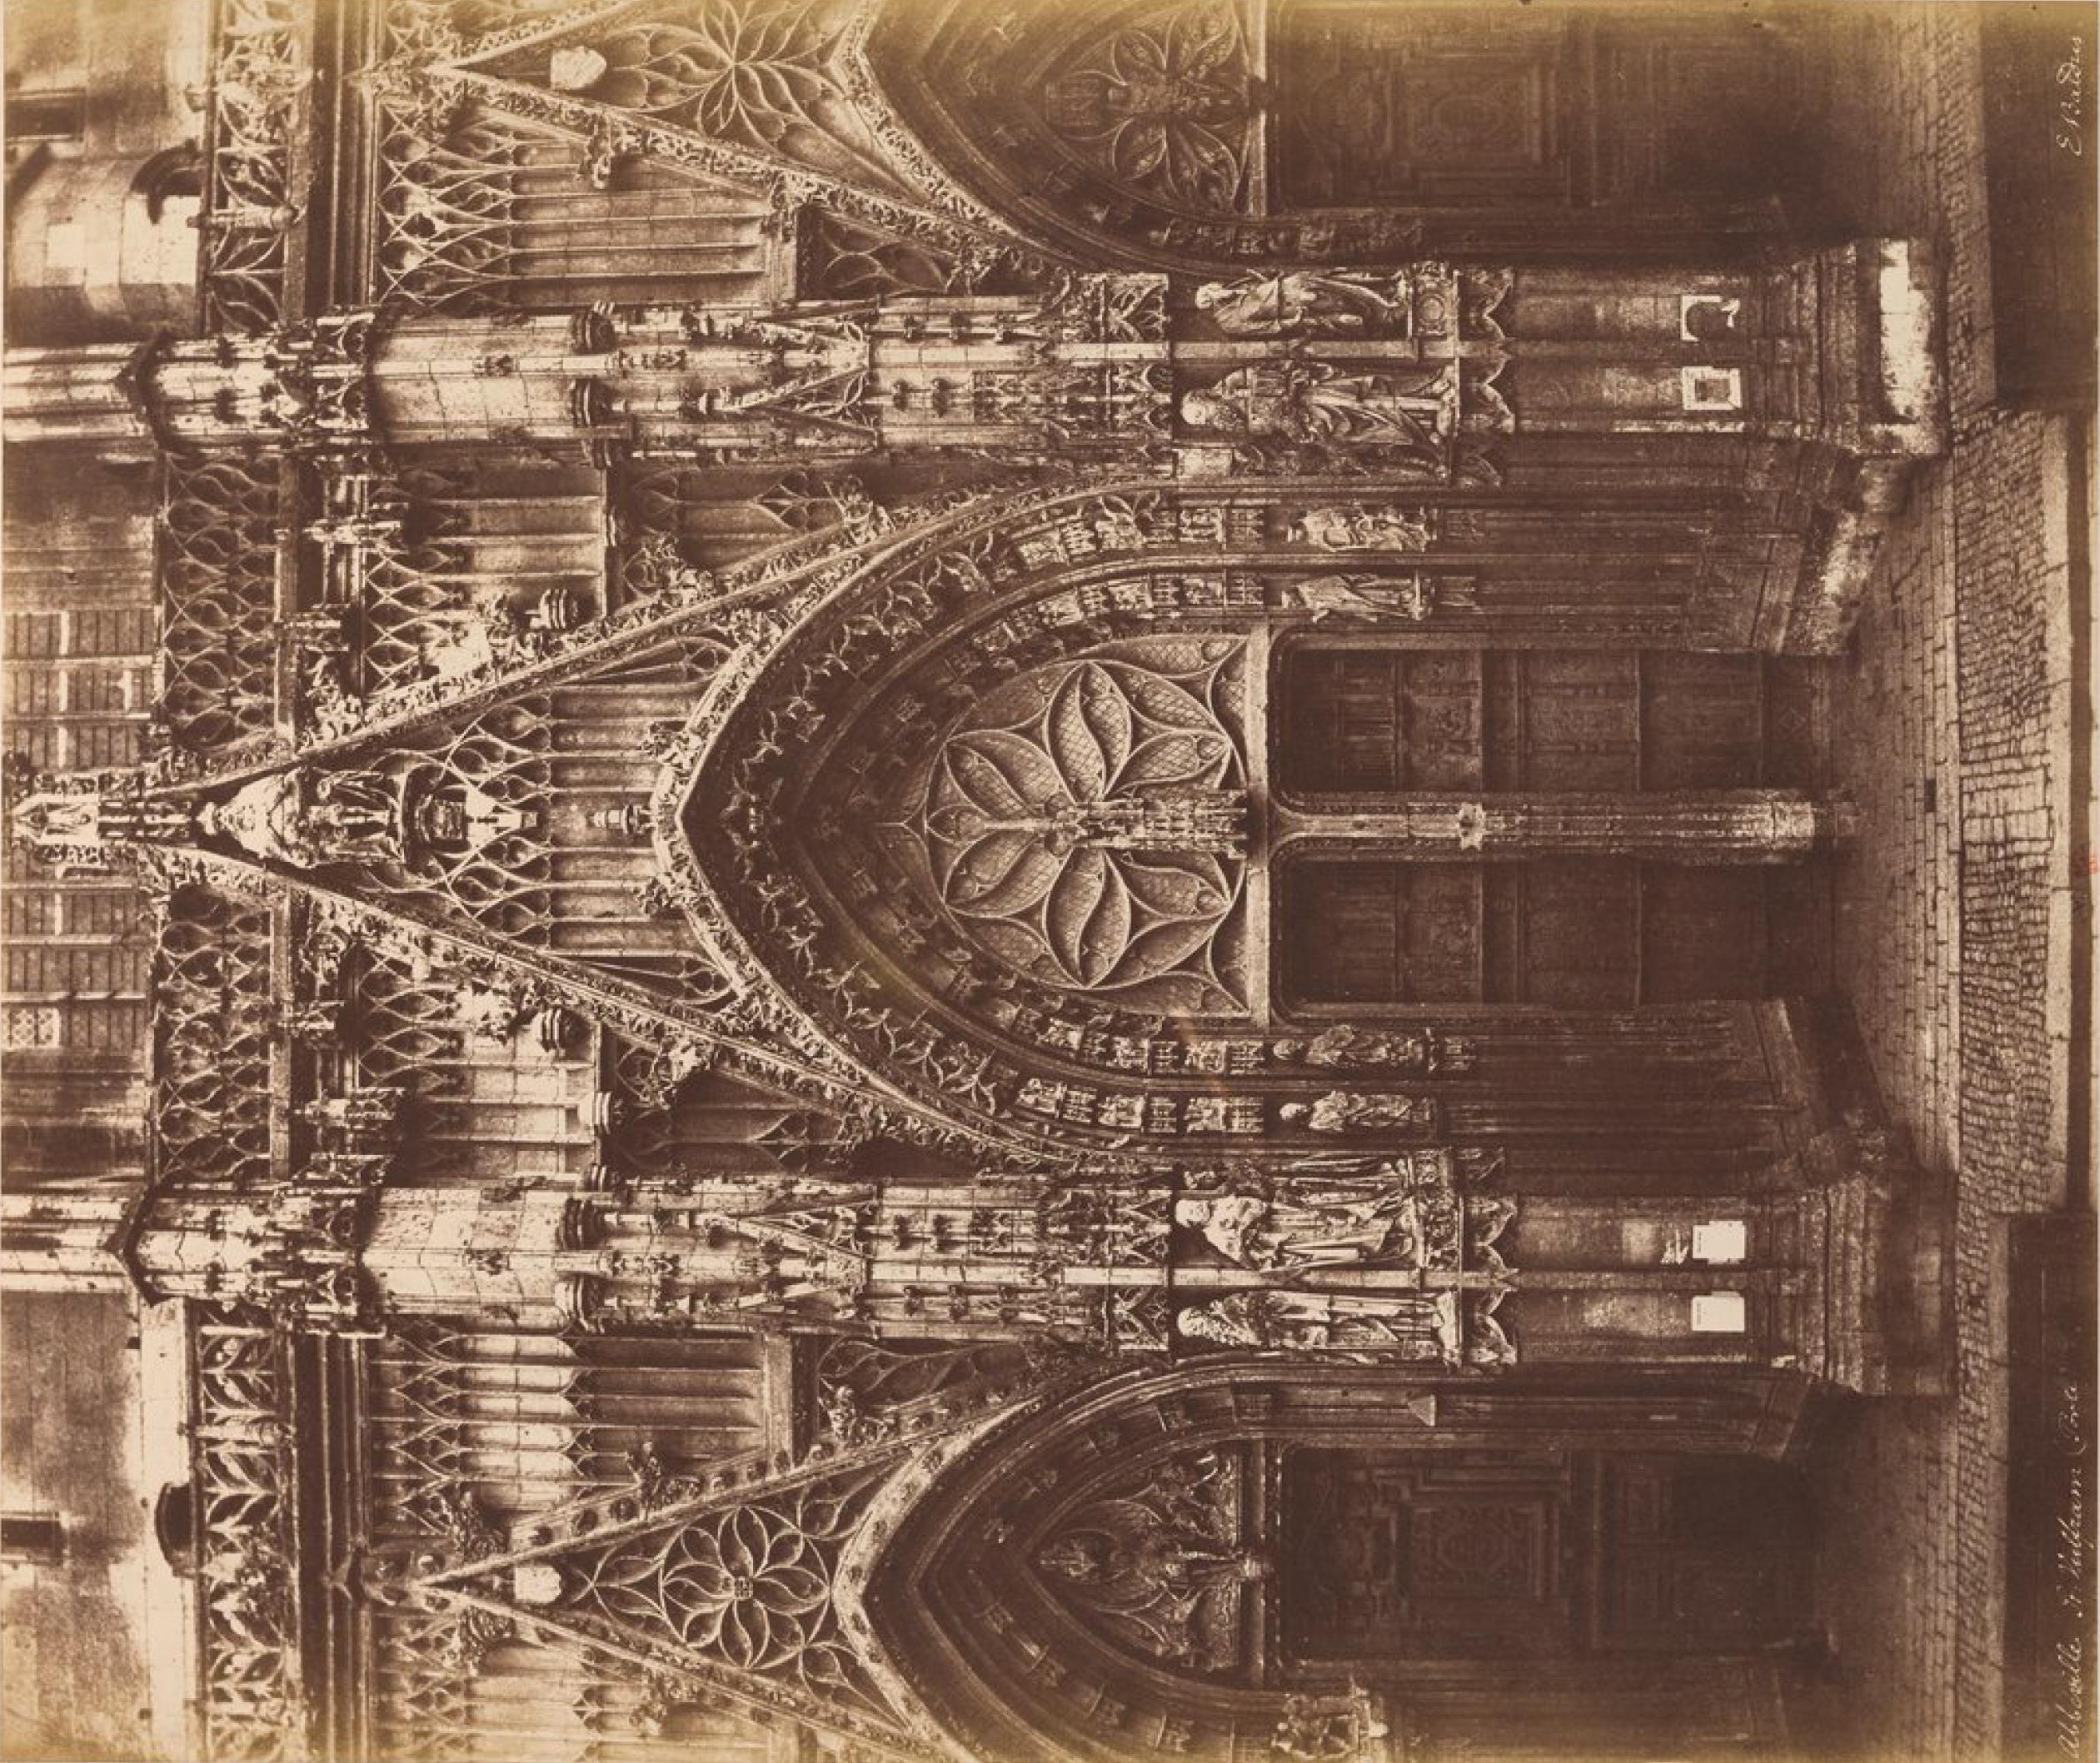 Абвиль. Портал готического собора Святого Вульфрама